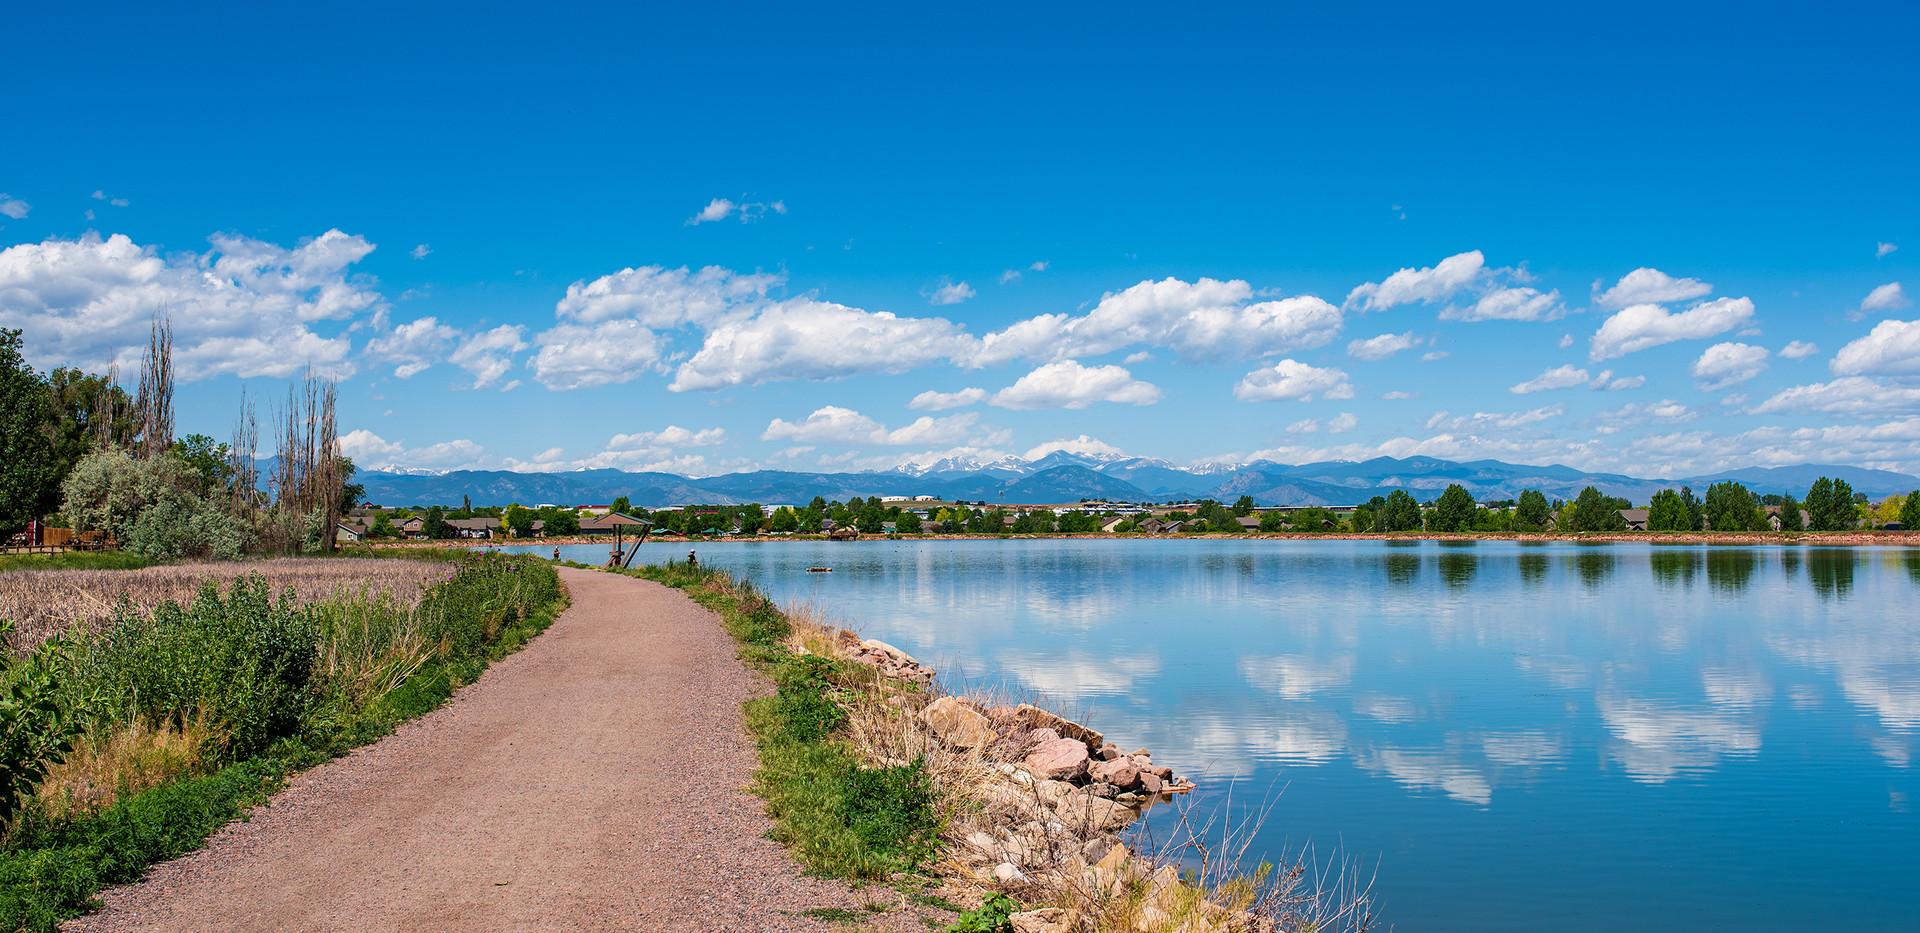 Johnstown Reservoir, Johnstown, CO